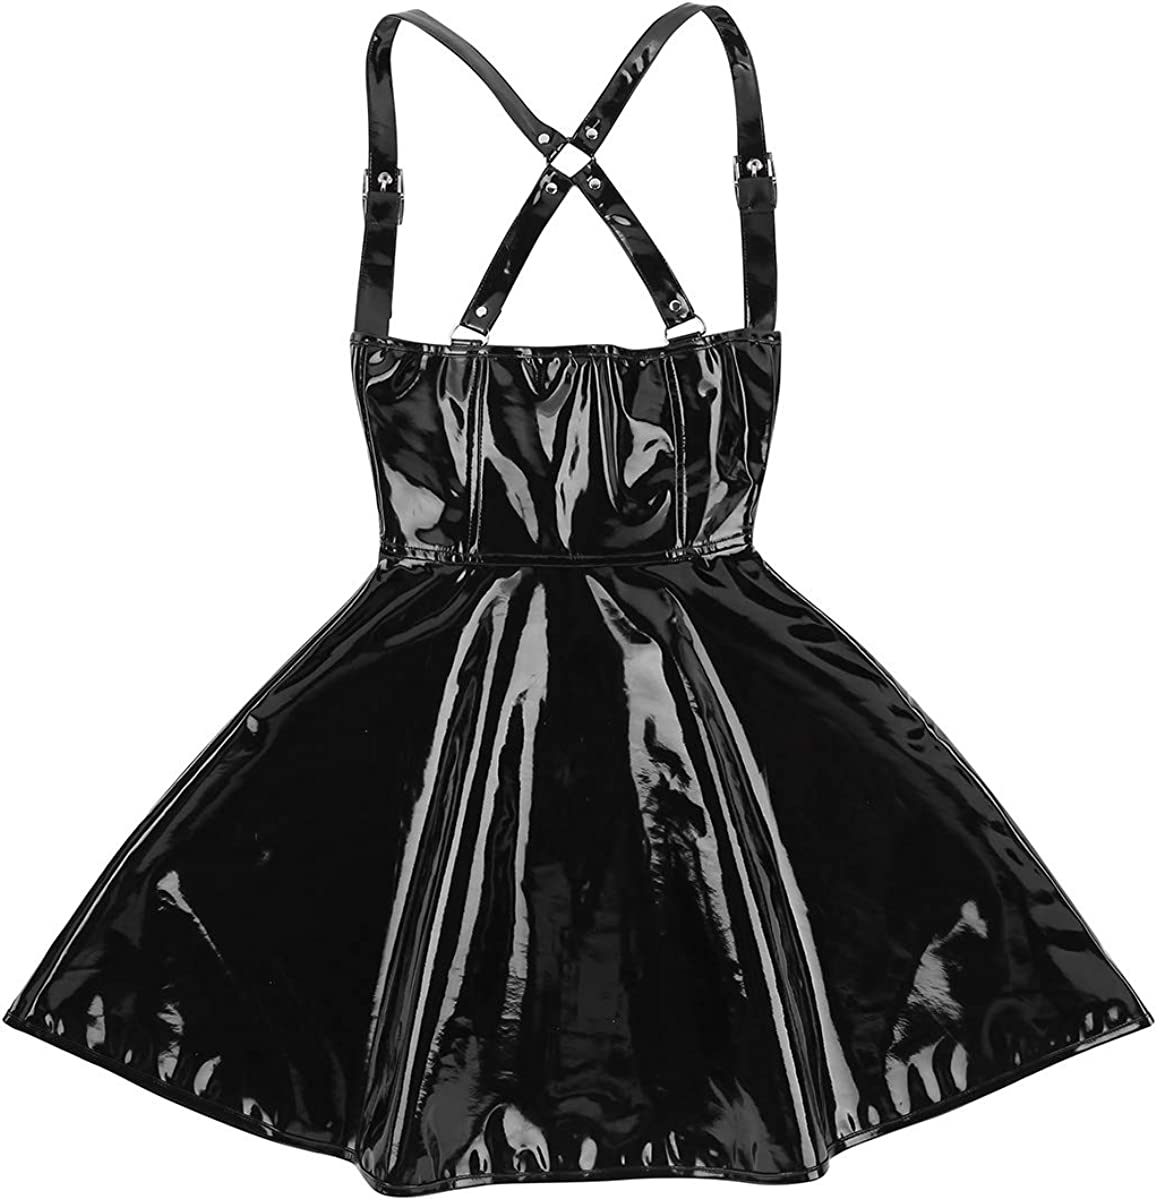 JEEYJOO Womens Wet Look Front Zipper X-Back Night Club Dress Suspender Skirt Clubwear